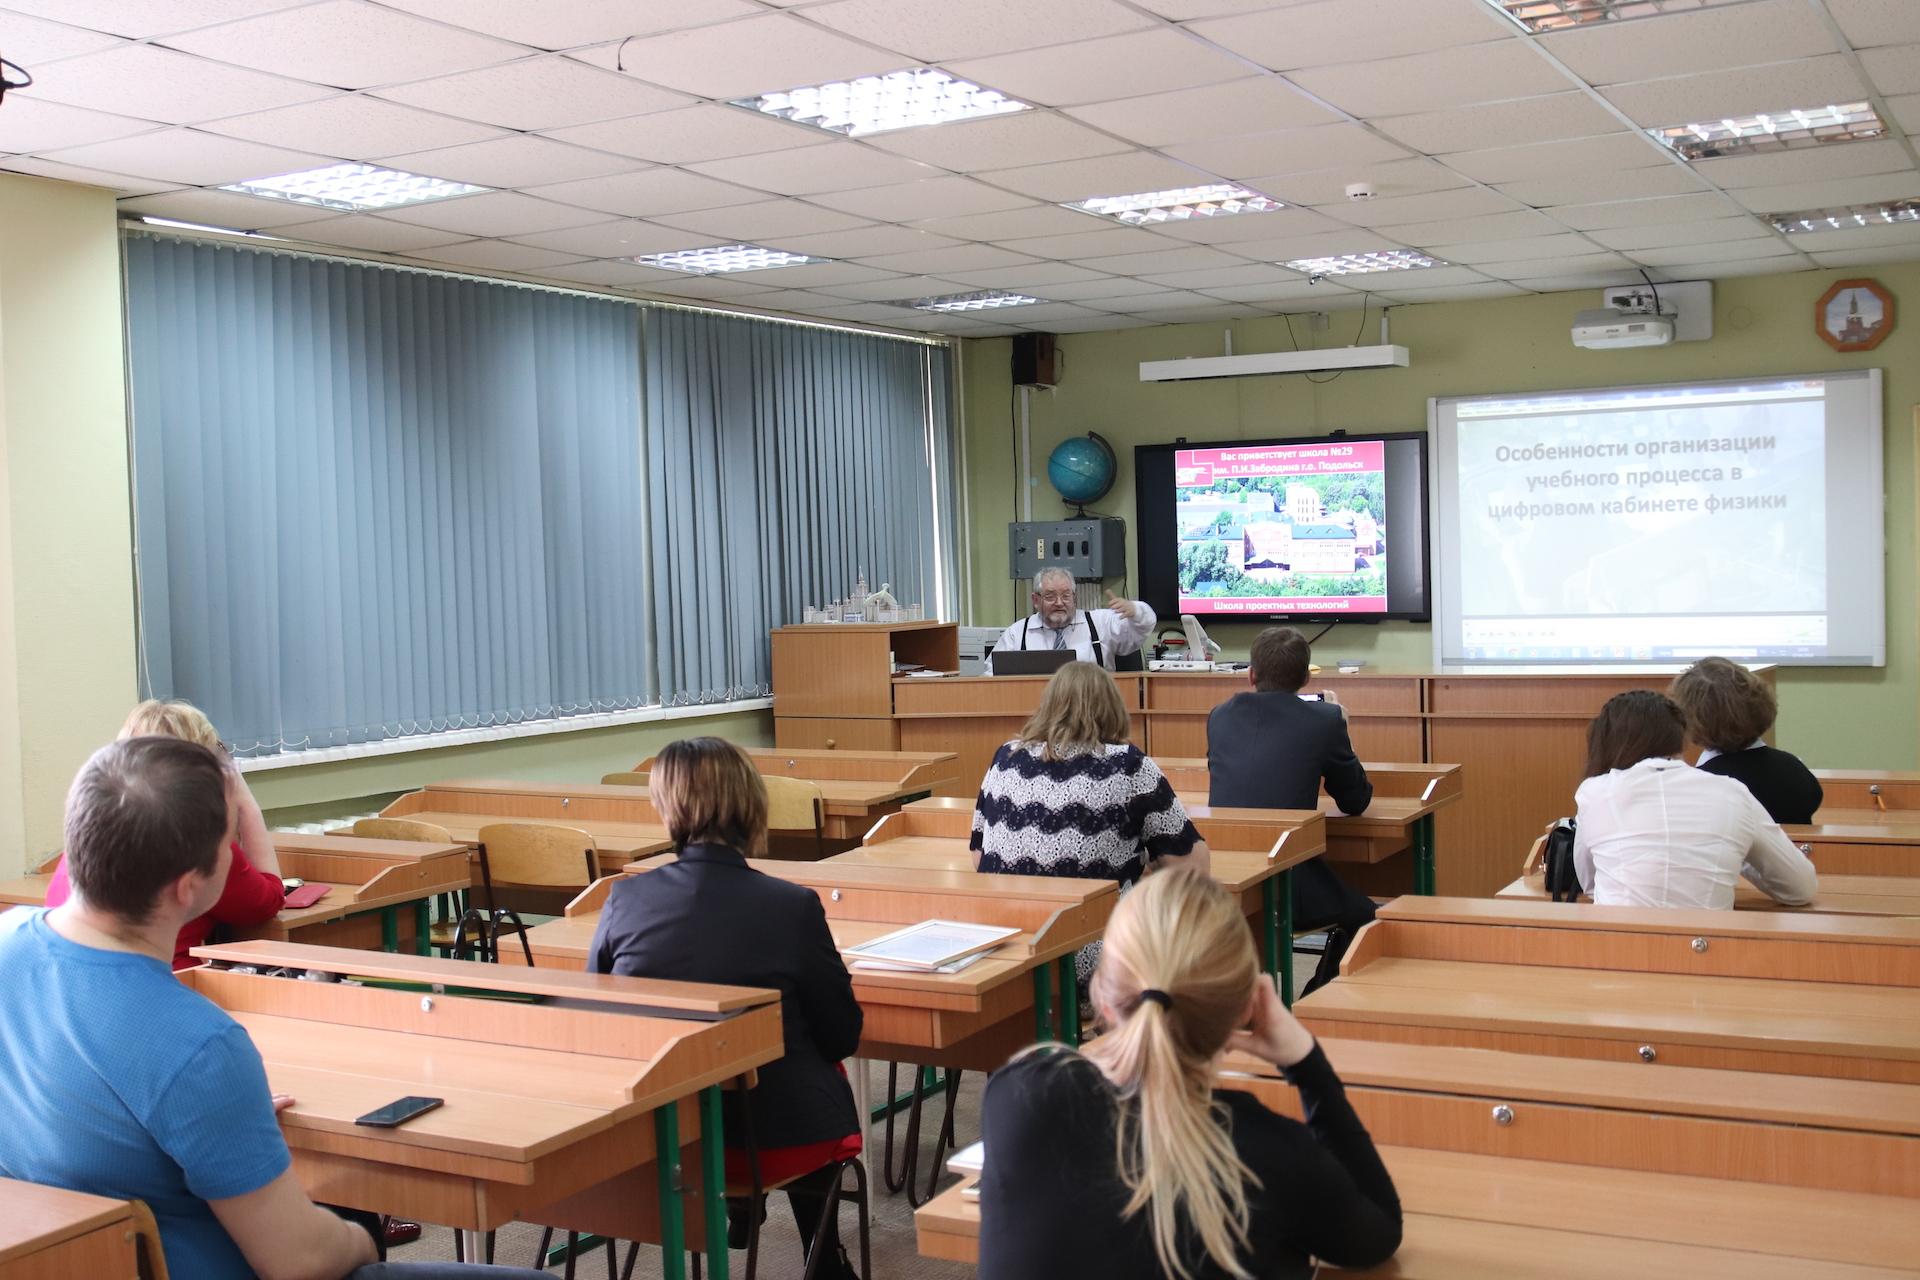 Игорь Сергеевич Царьков рассказывает о технологии Электронный портфель ученика